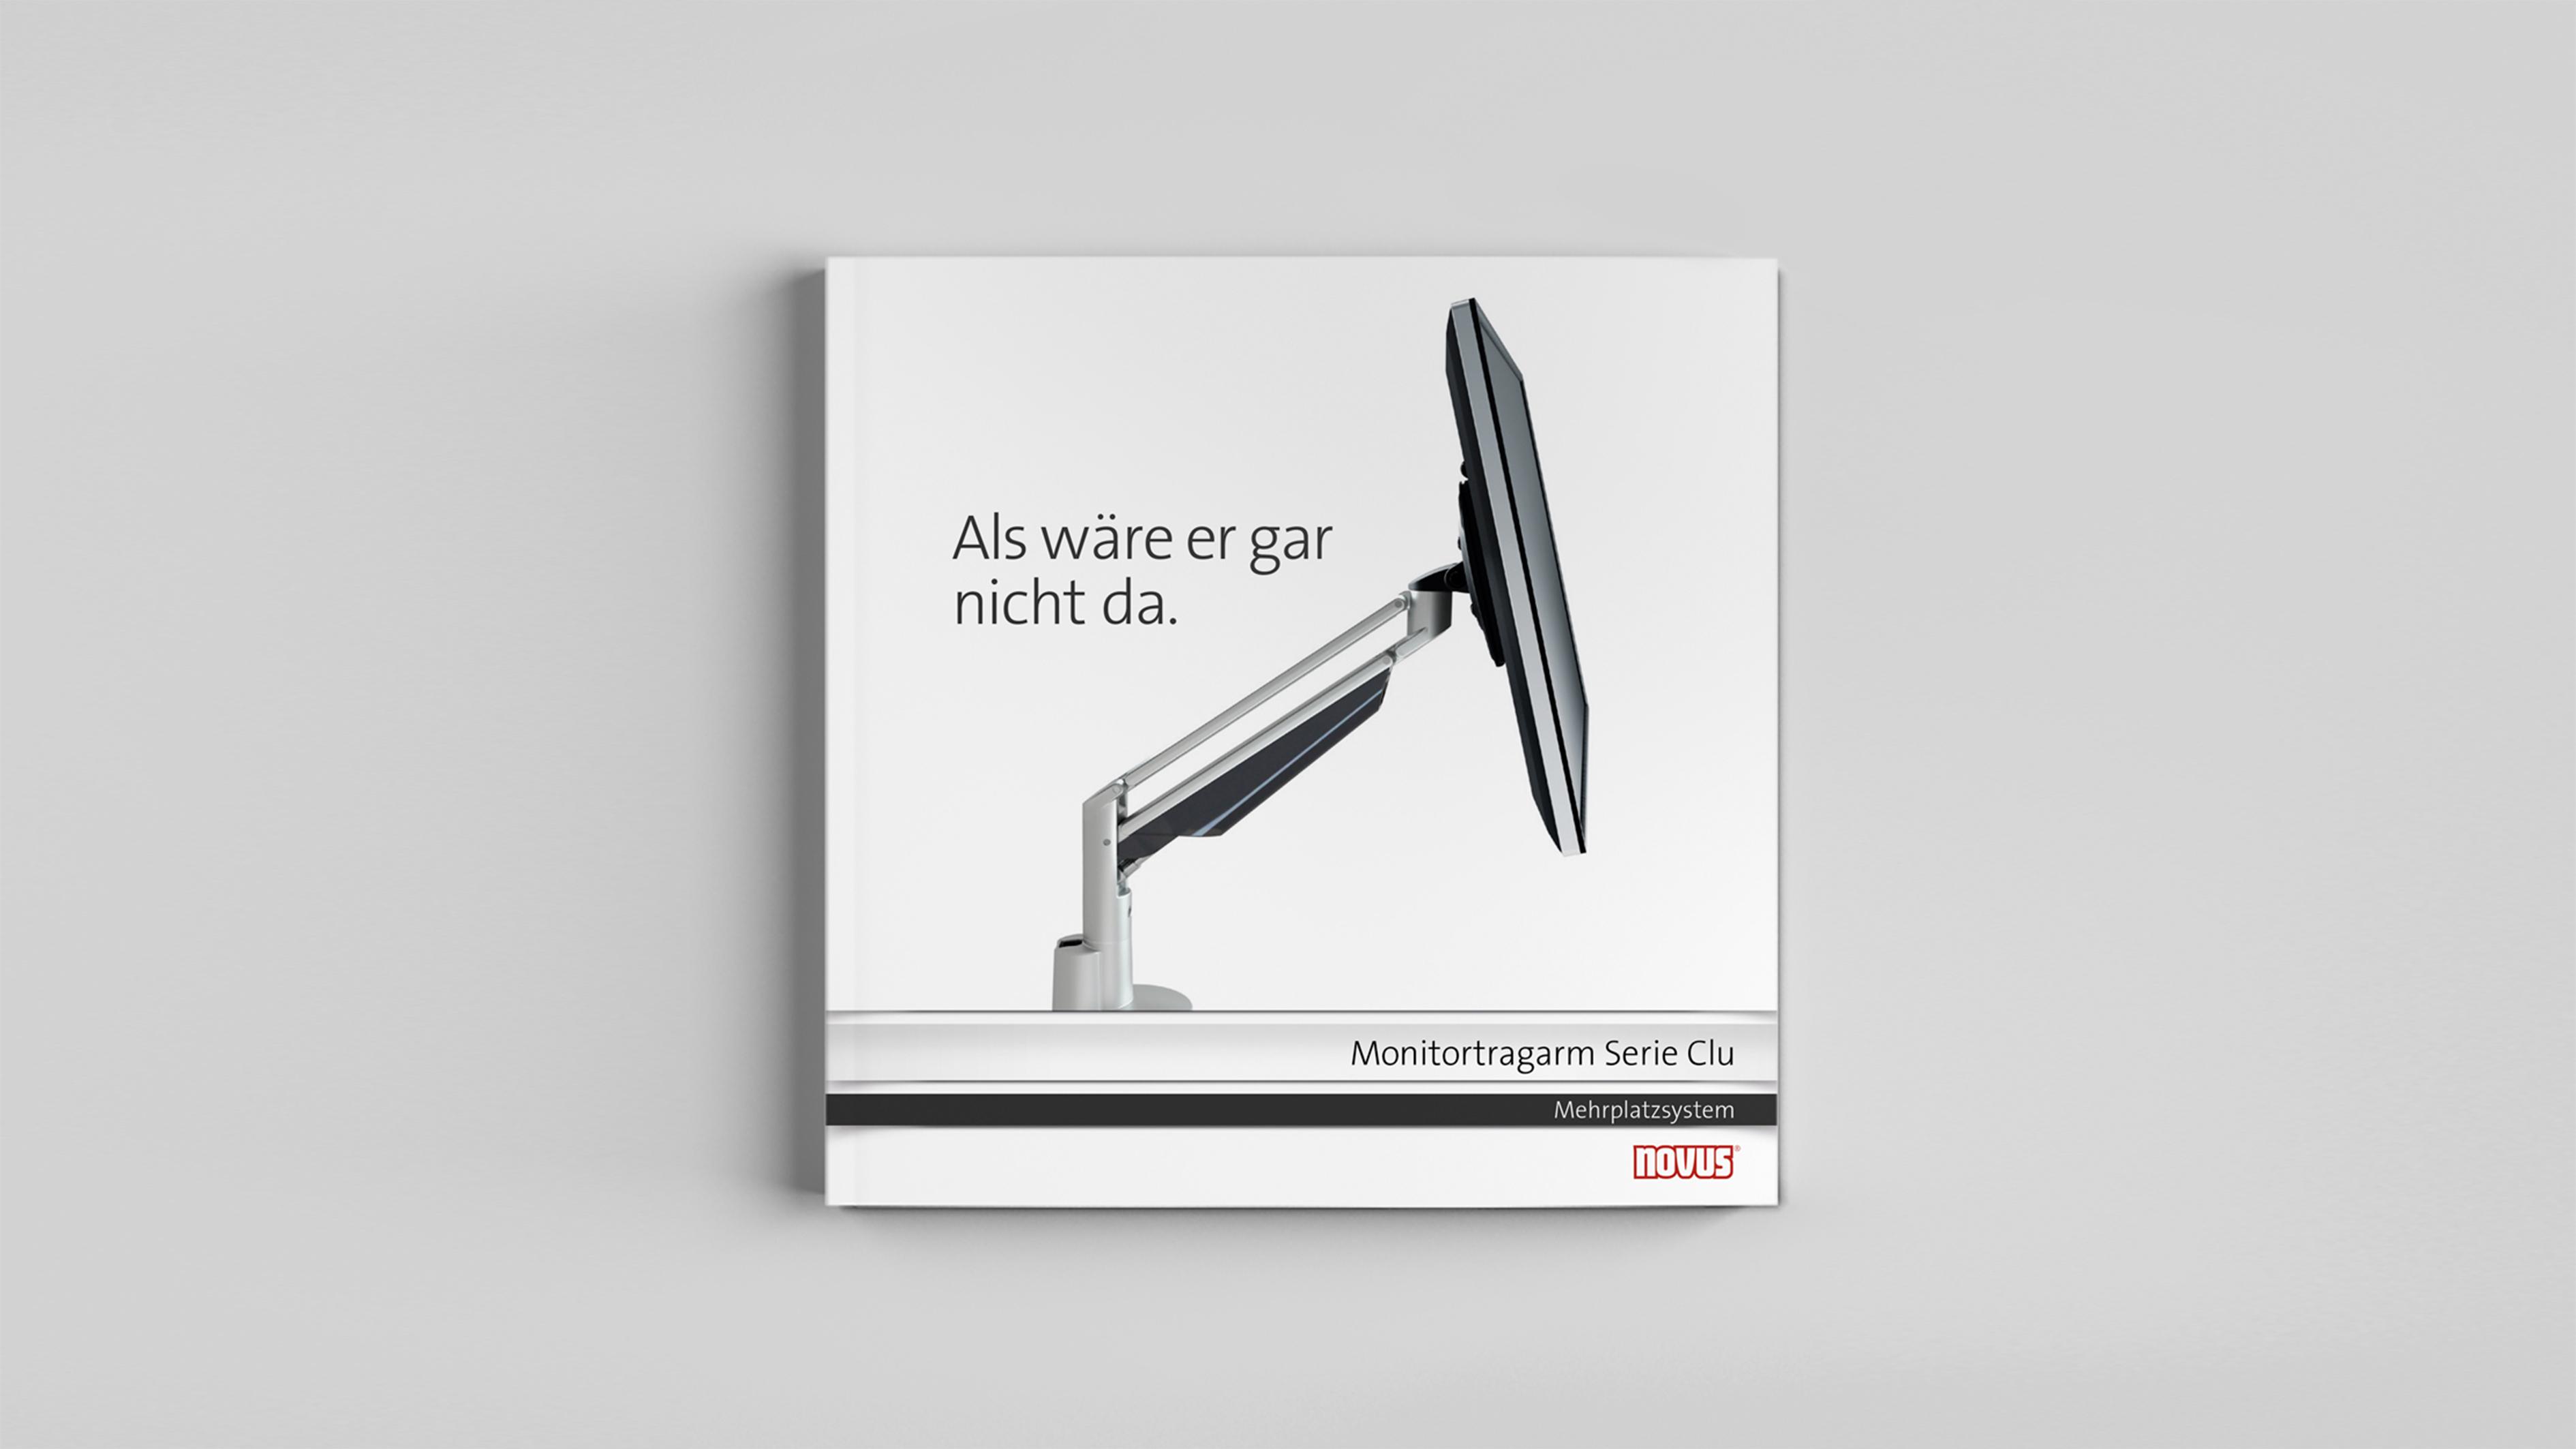 SP_Gesellschafterversammlung_2019_05.indd